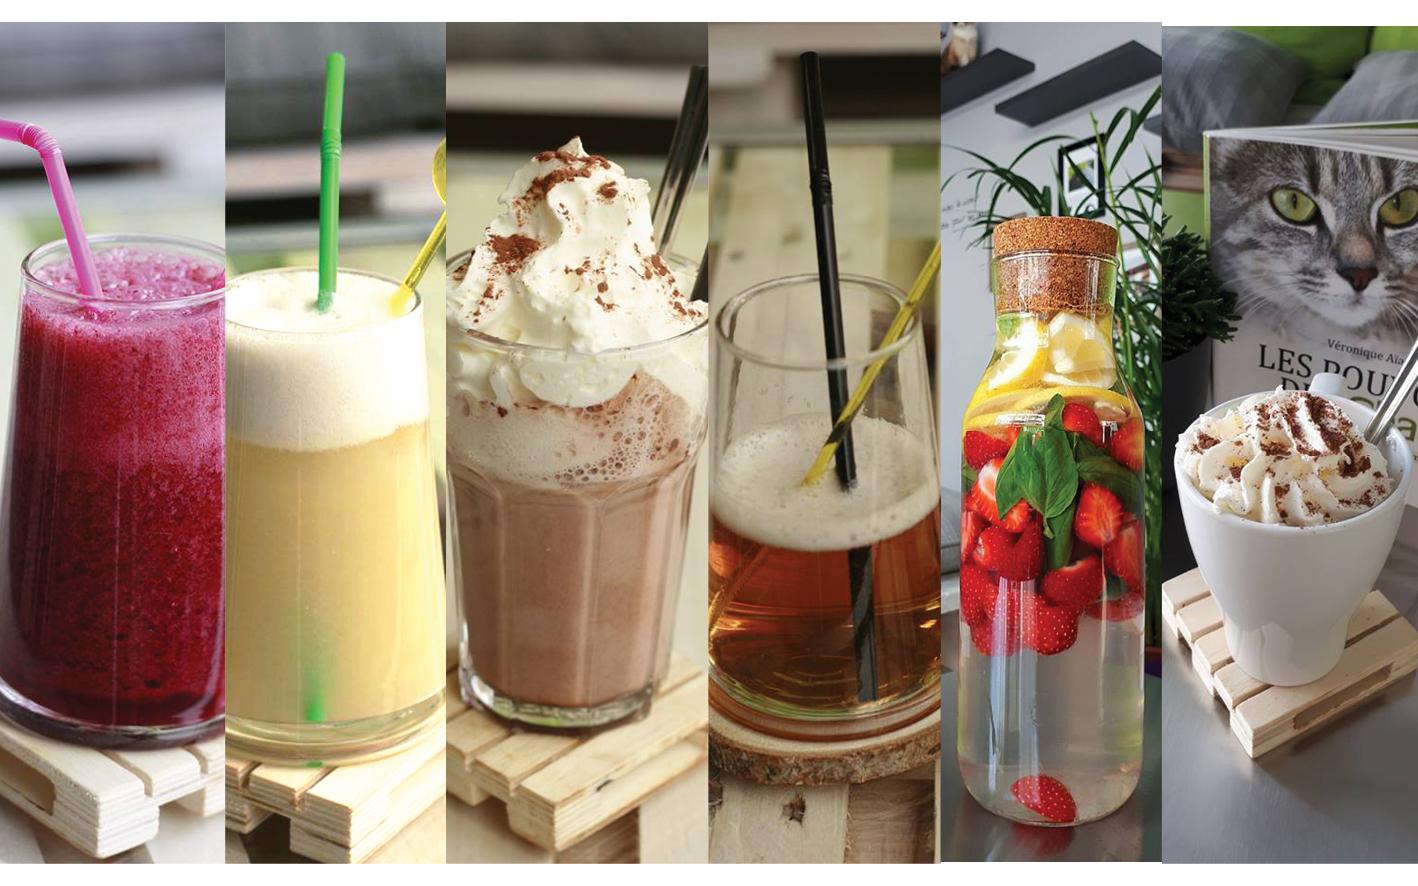 BOISSONS CHAPOTINS RESTAURATION. Smoothie, café viennois, jus détox, jus de fruits, café